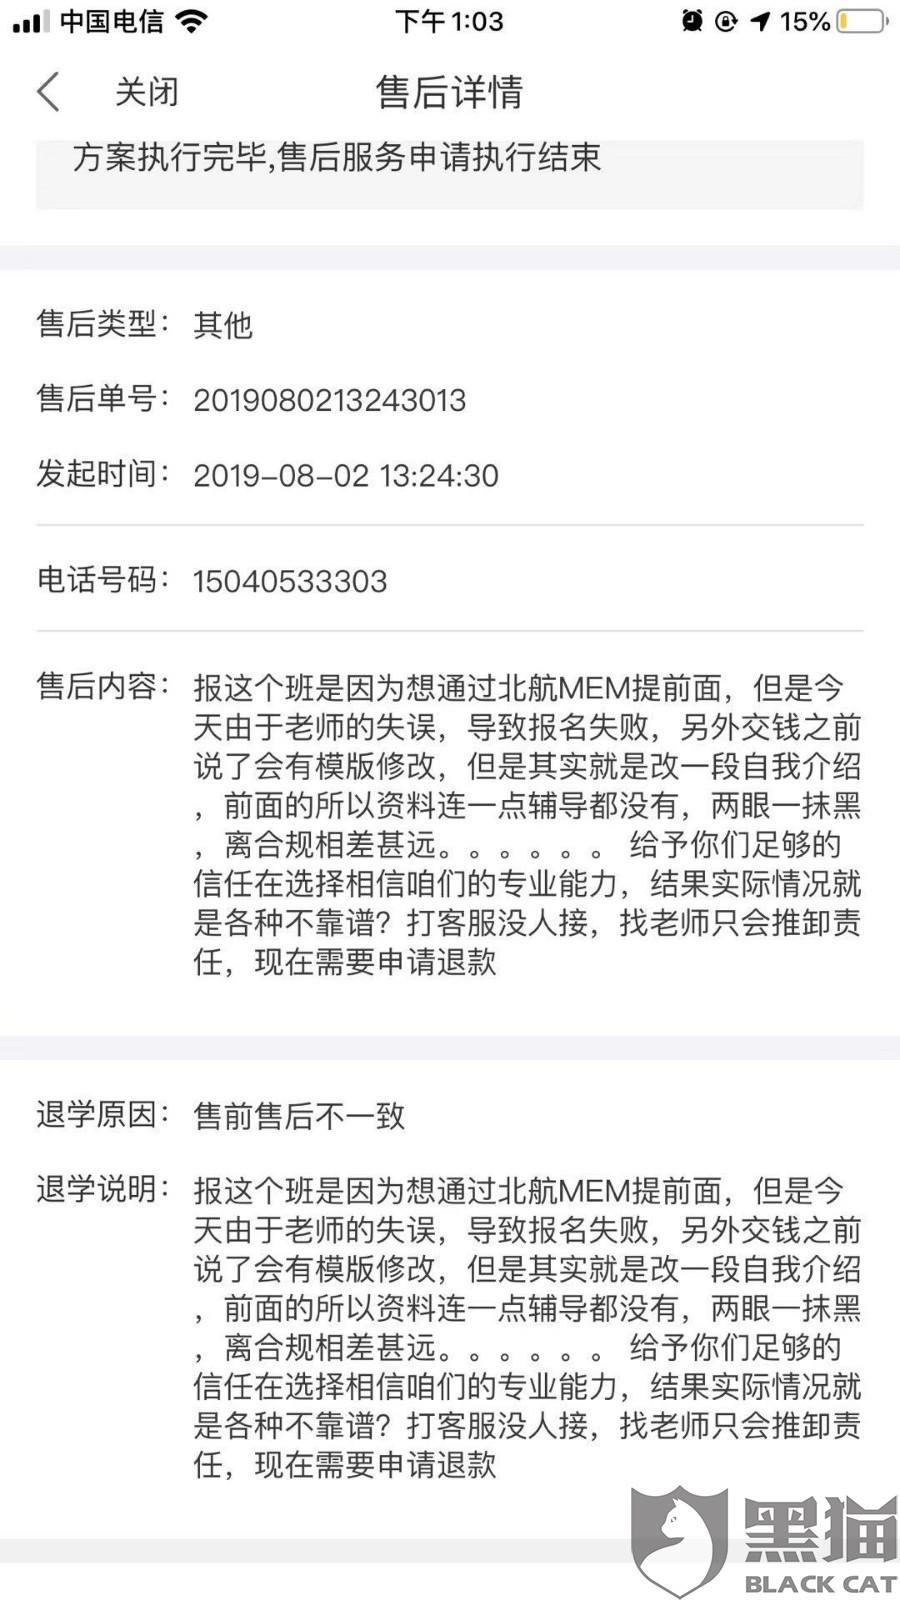 黑猫投诉:天津尚德在线教育科技有限公司售后客服不处理不予退款虚假宣传